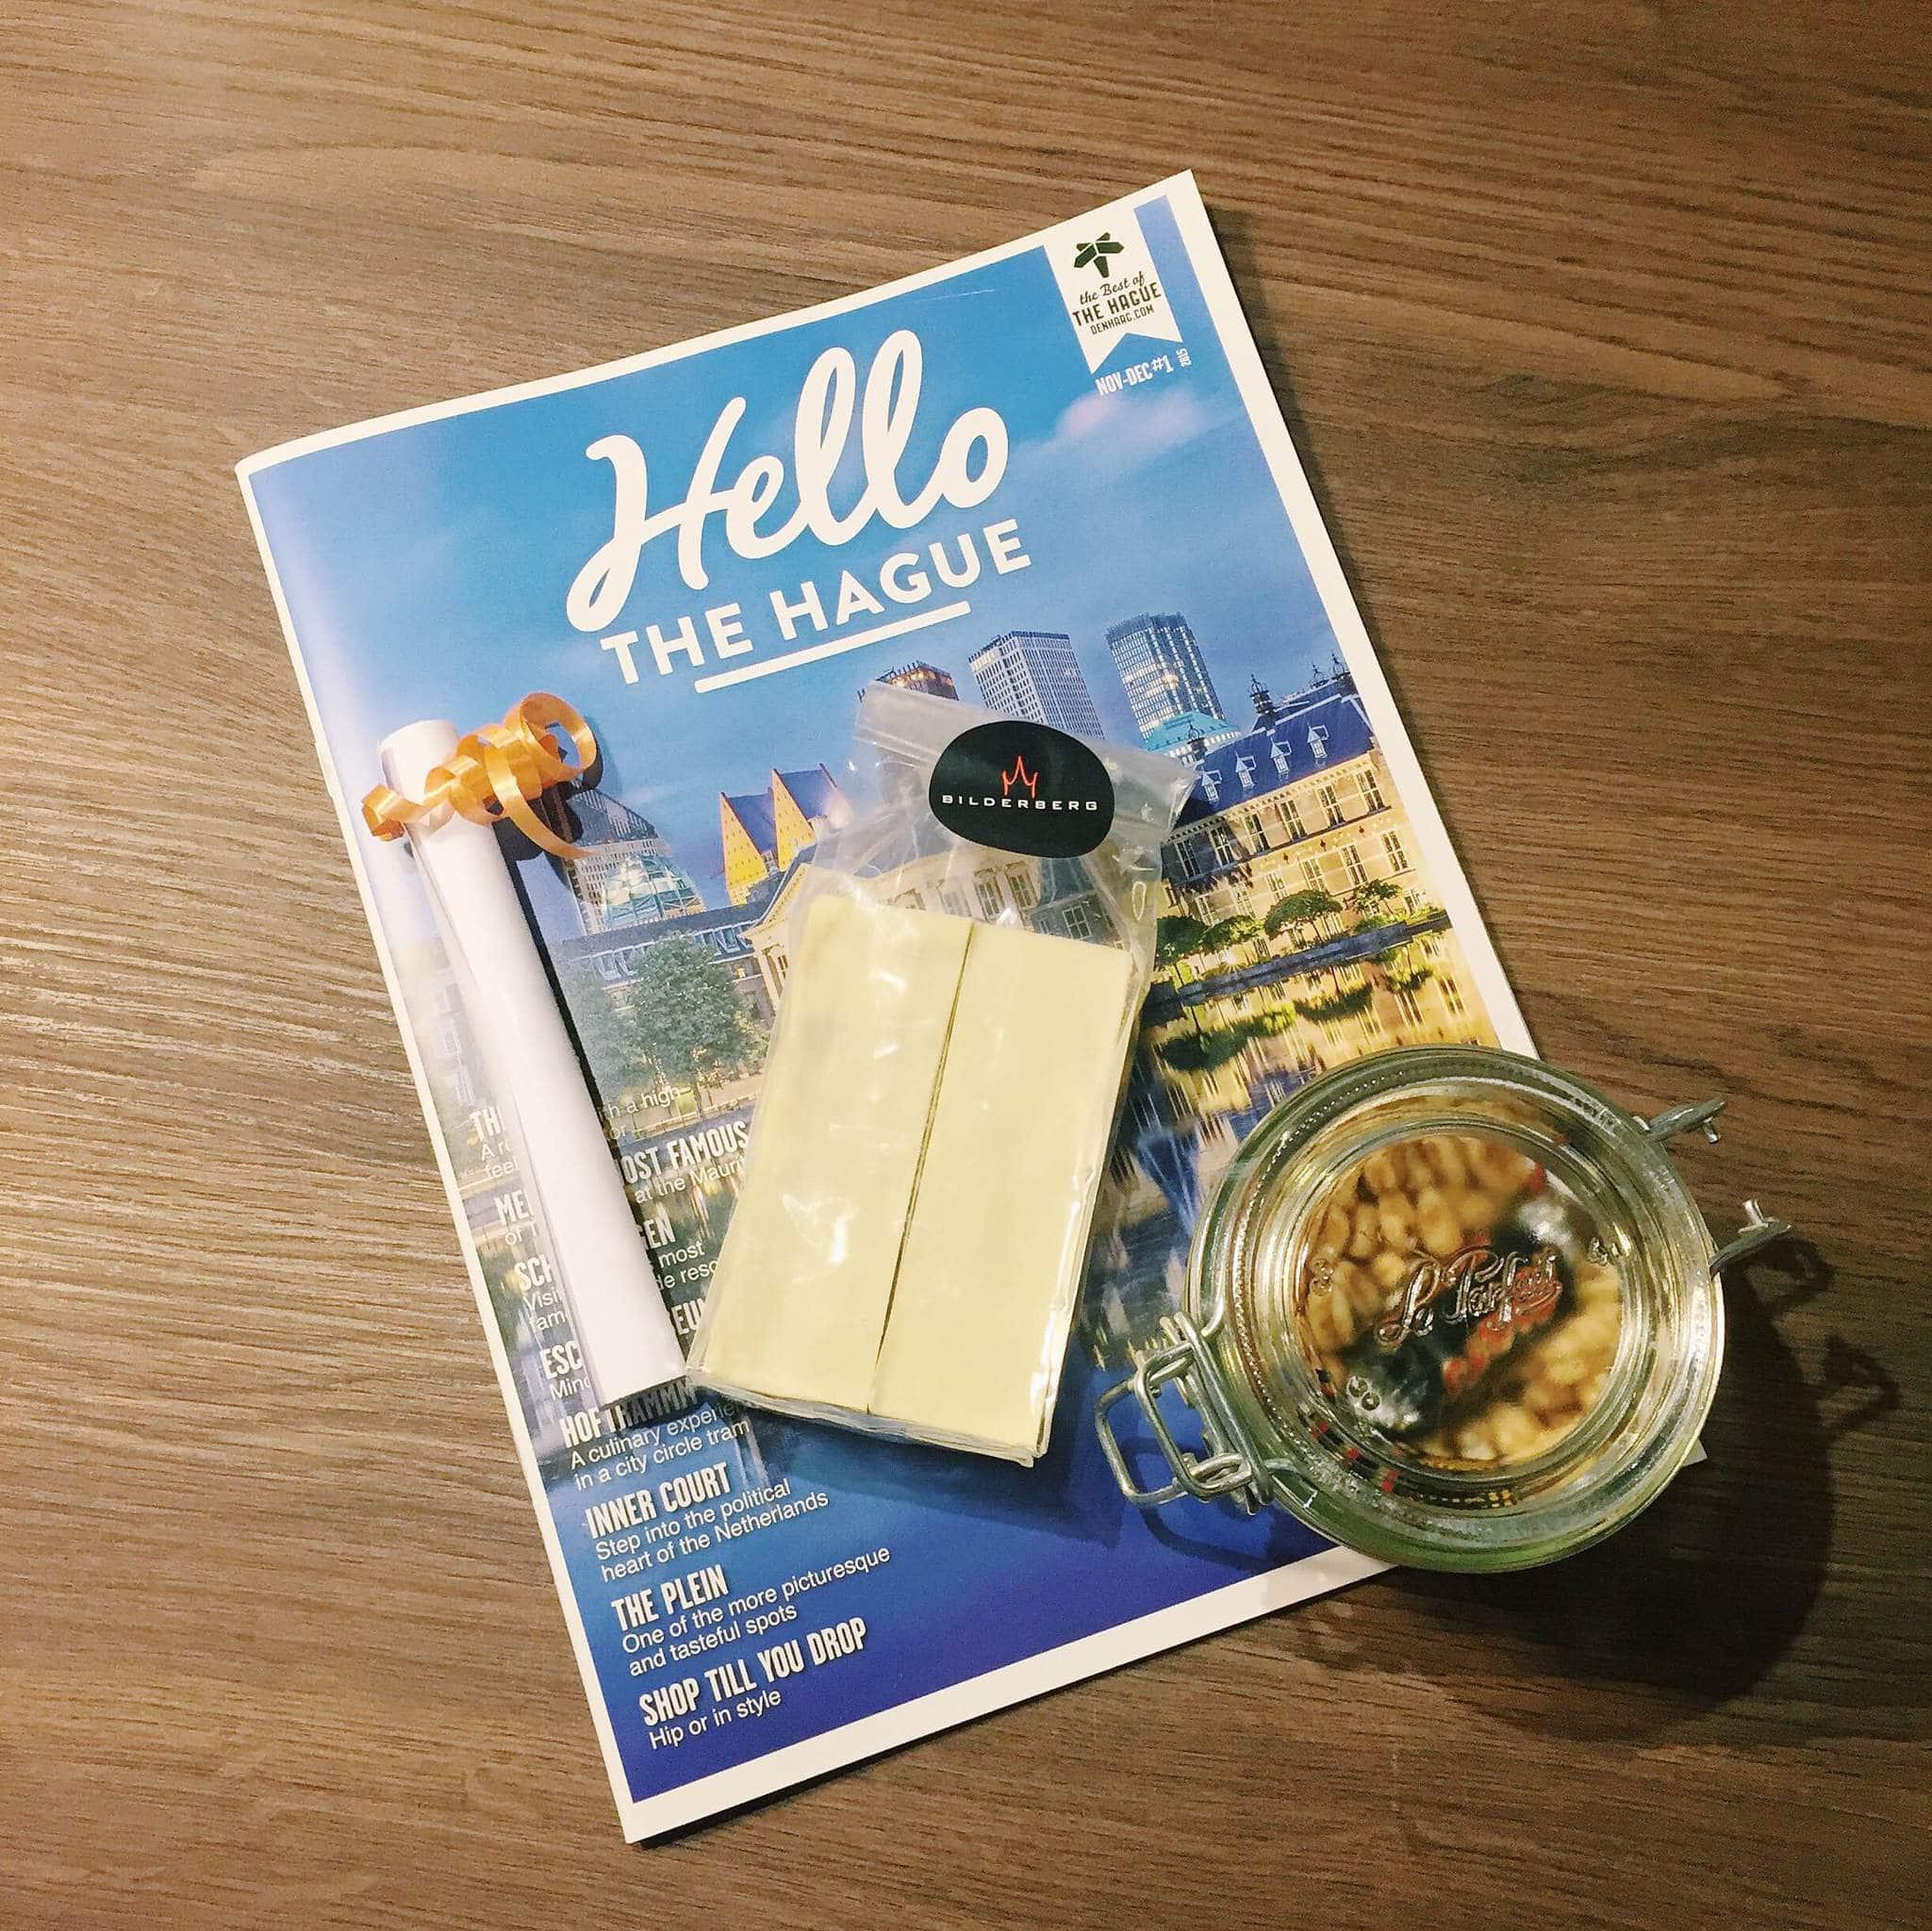 IMG 3949 - Local Food Heroes Den Haag